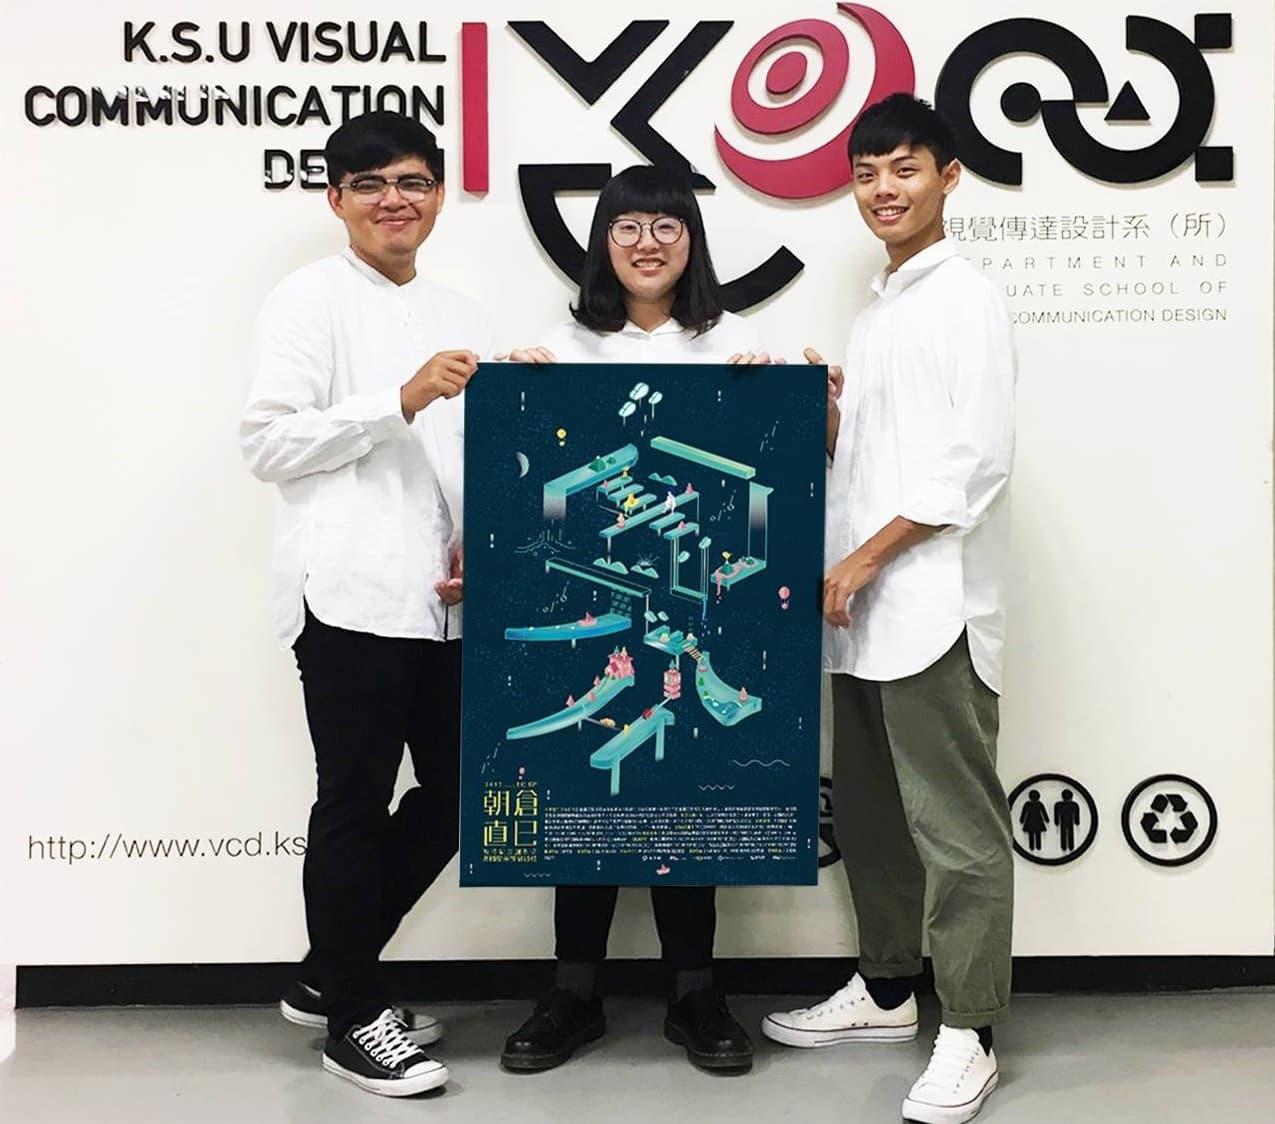 (左起)蔡伊凡、童園婷、洪家榮作品《界》獲得紅點獎